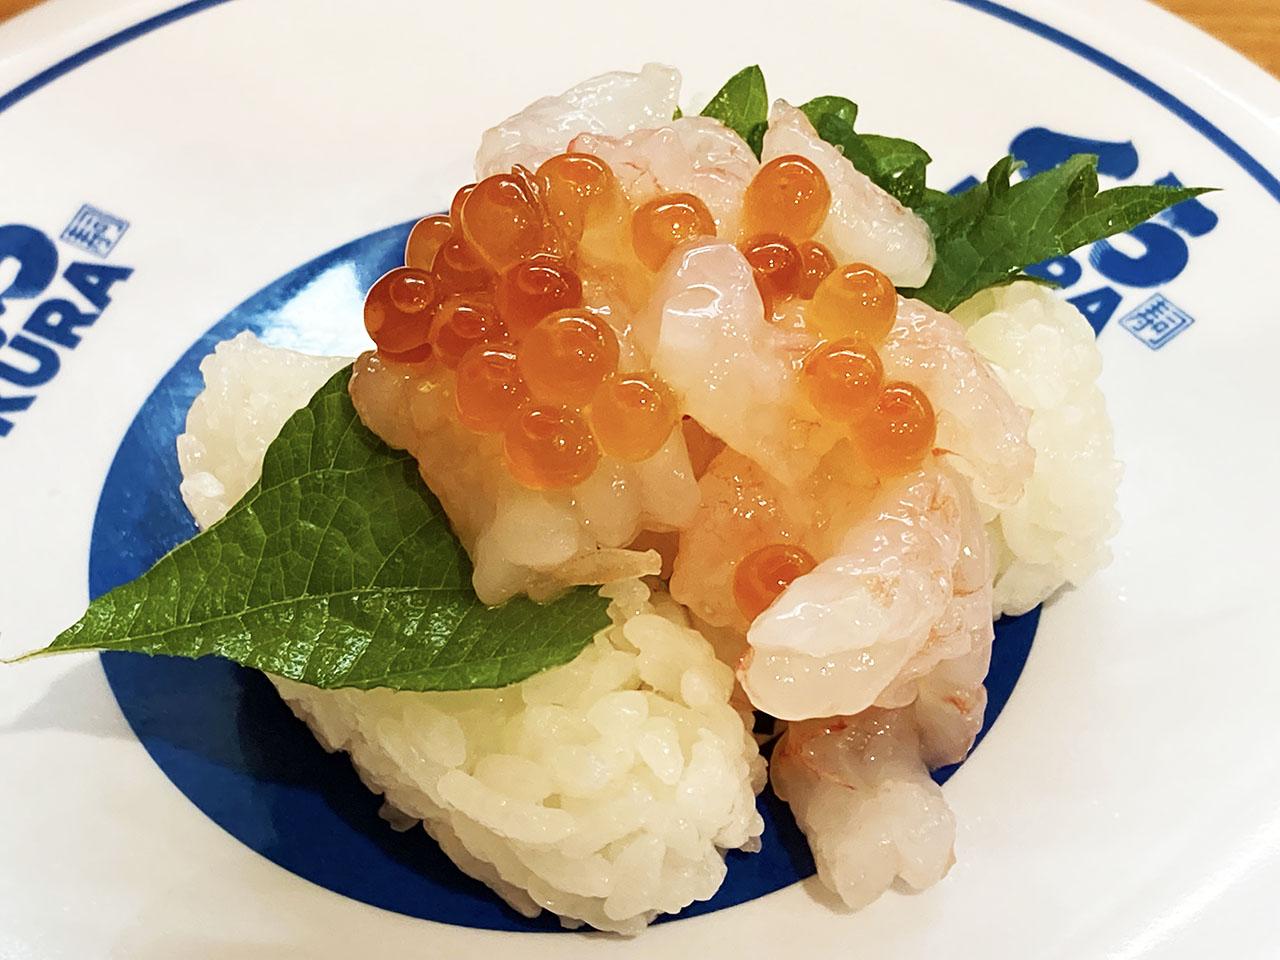 ついに『くら寿司聖蹟桜ヶ丘駅前店』がオープン!大盛況のお店をレポート♪